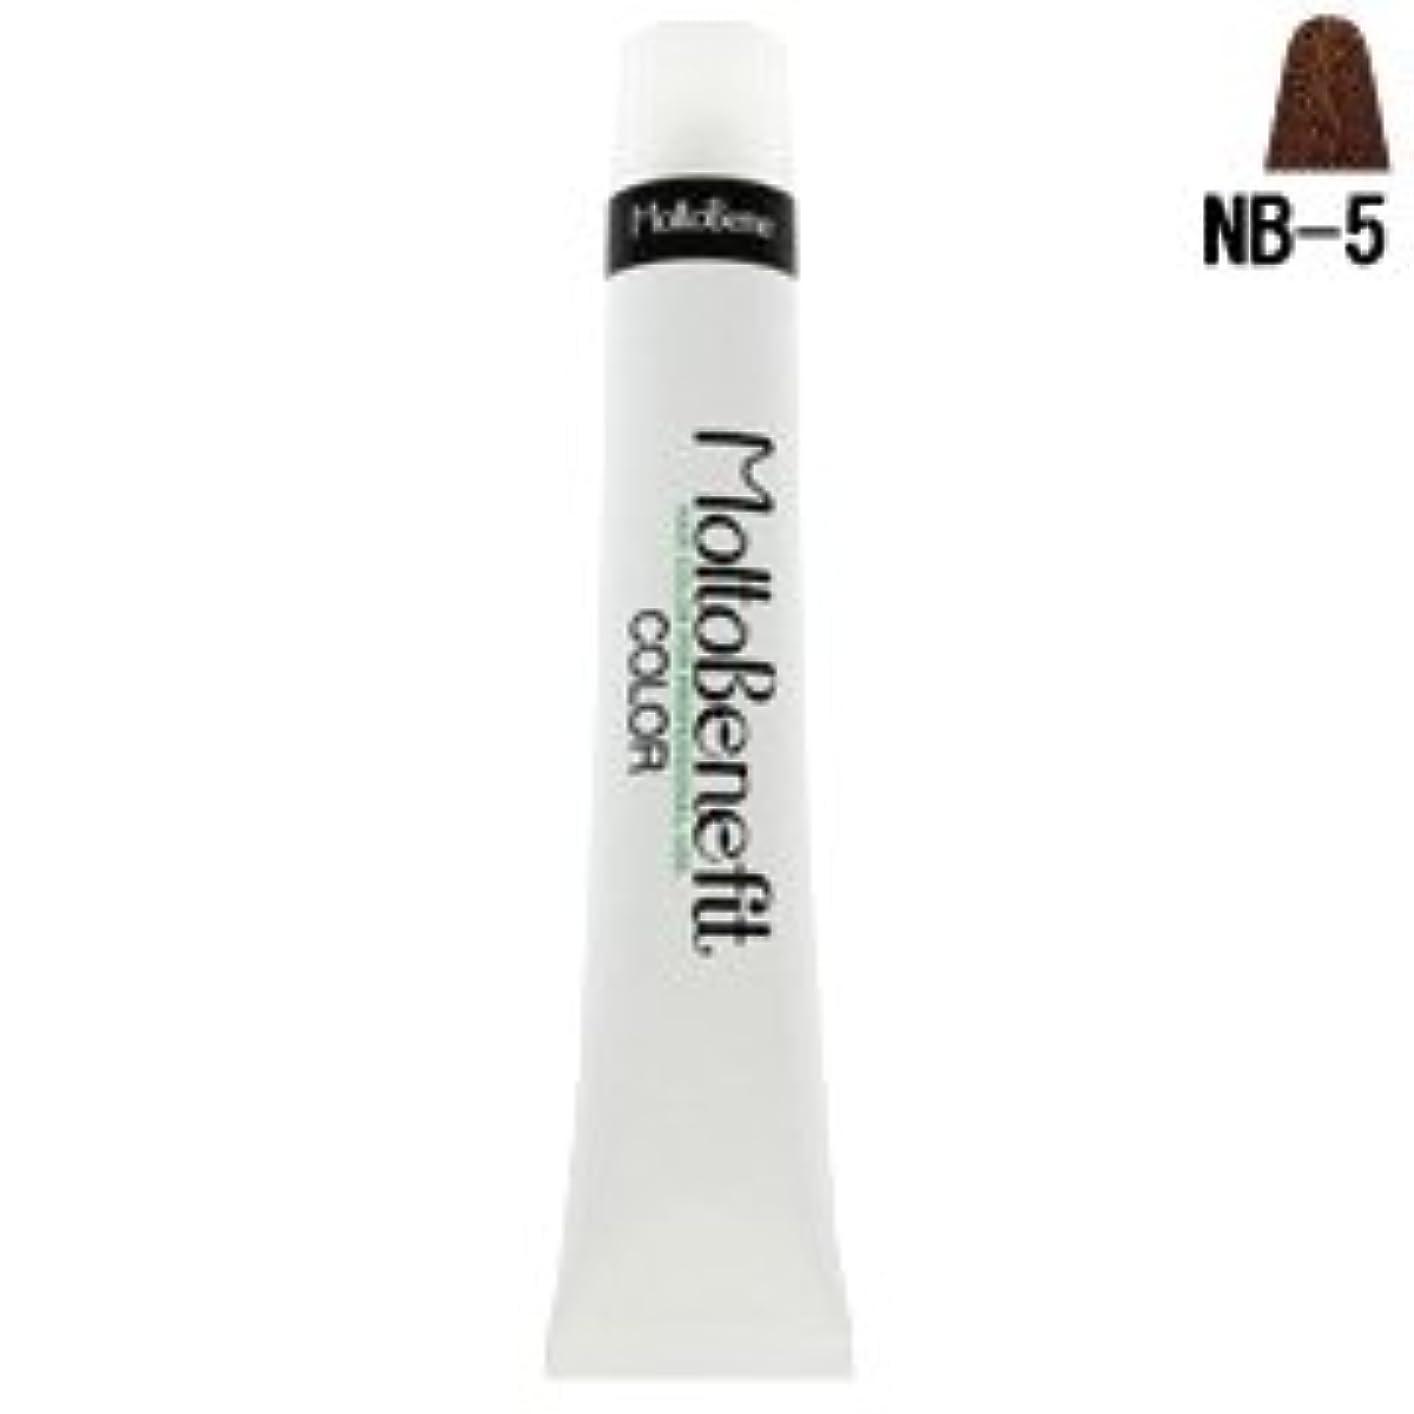 性的母性土【モルトベーネ】フィットカラー グレイナチュラルカラー NB-5 ナチュラルブラウン 60g